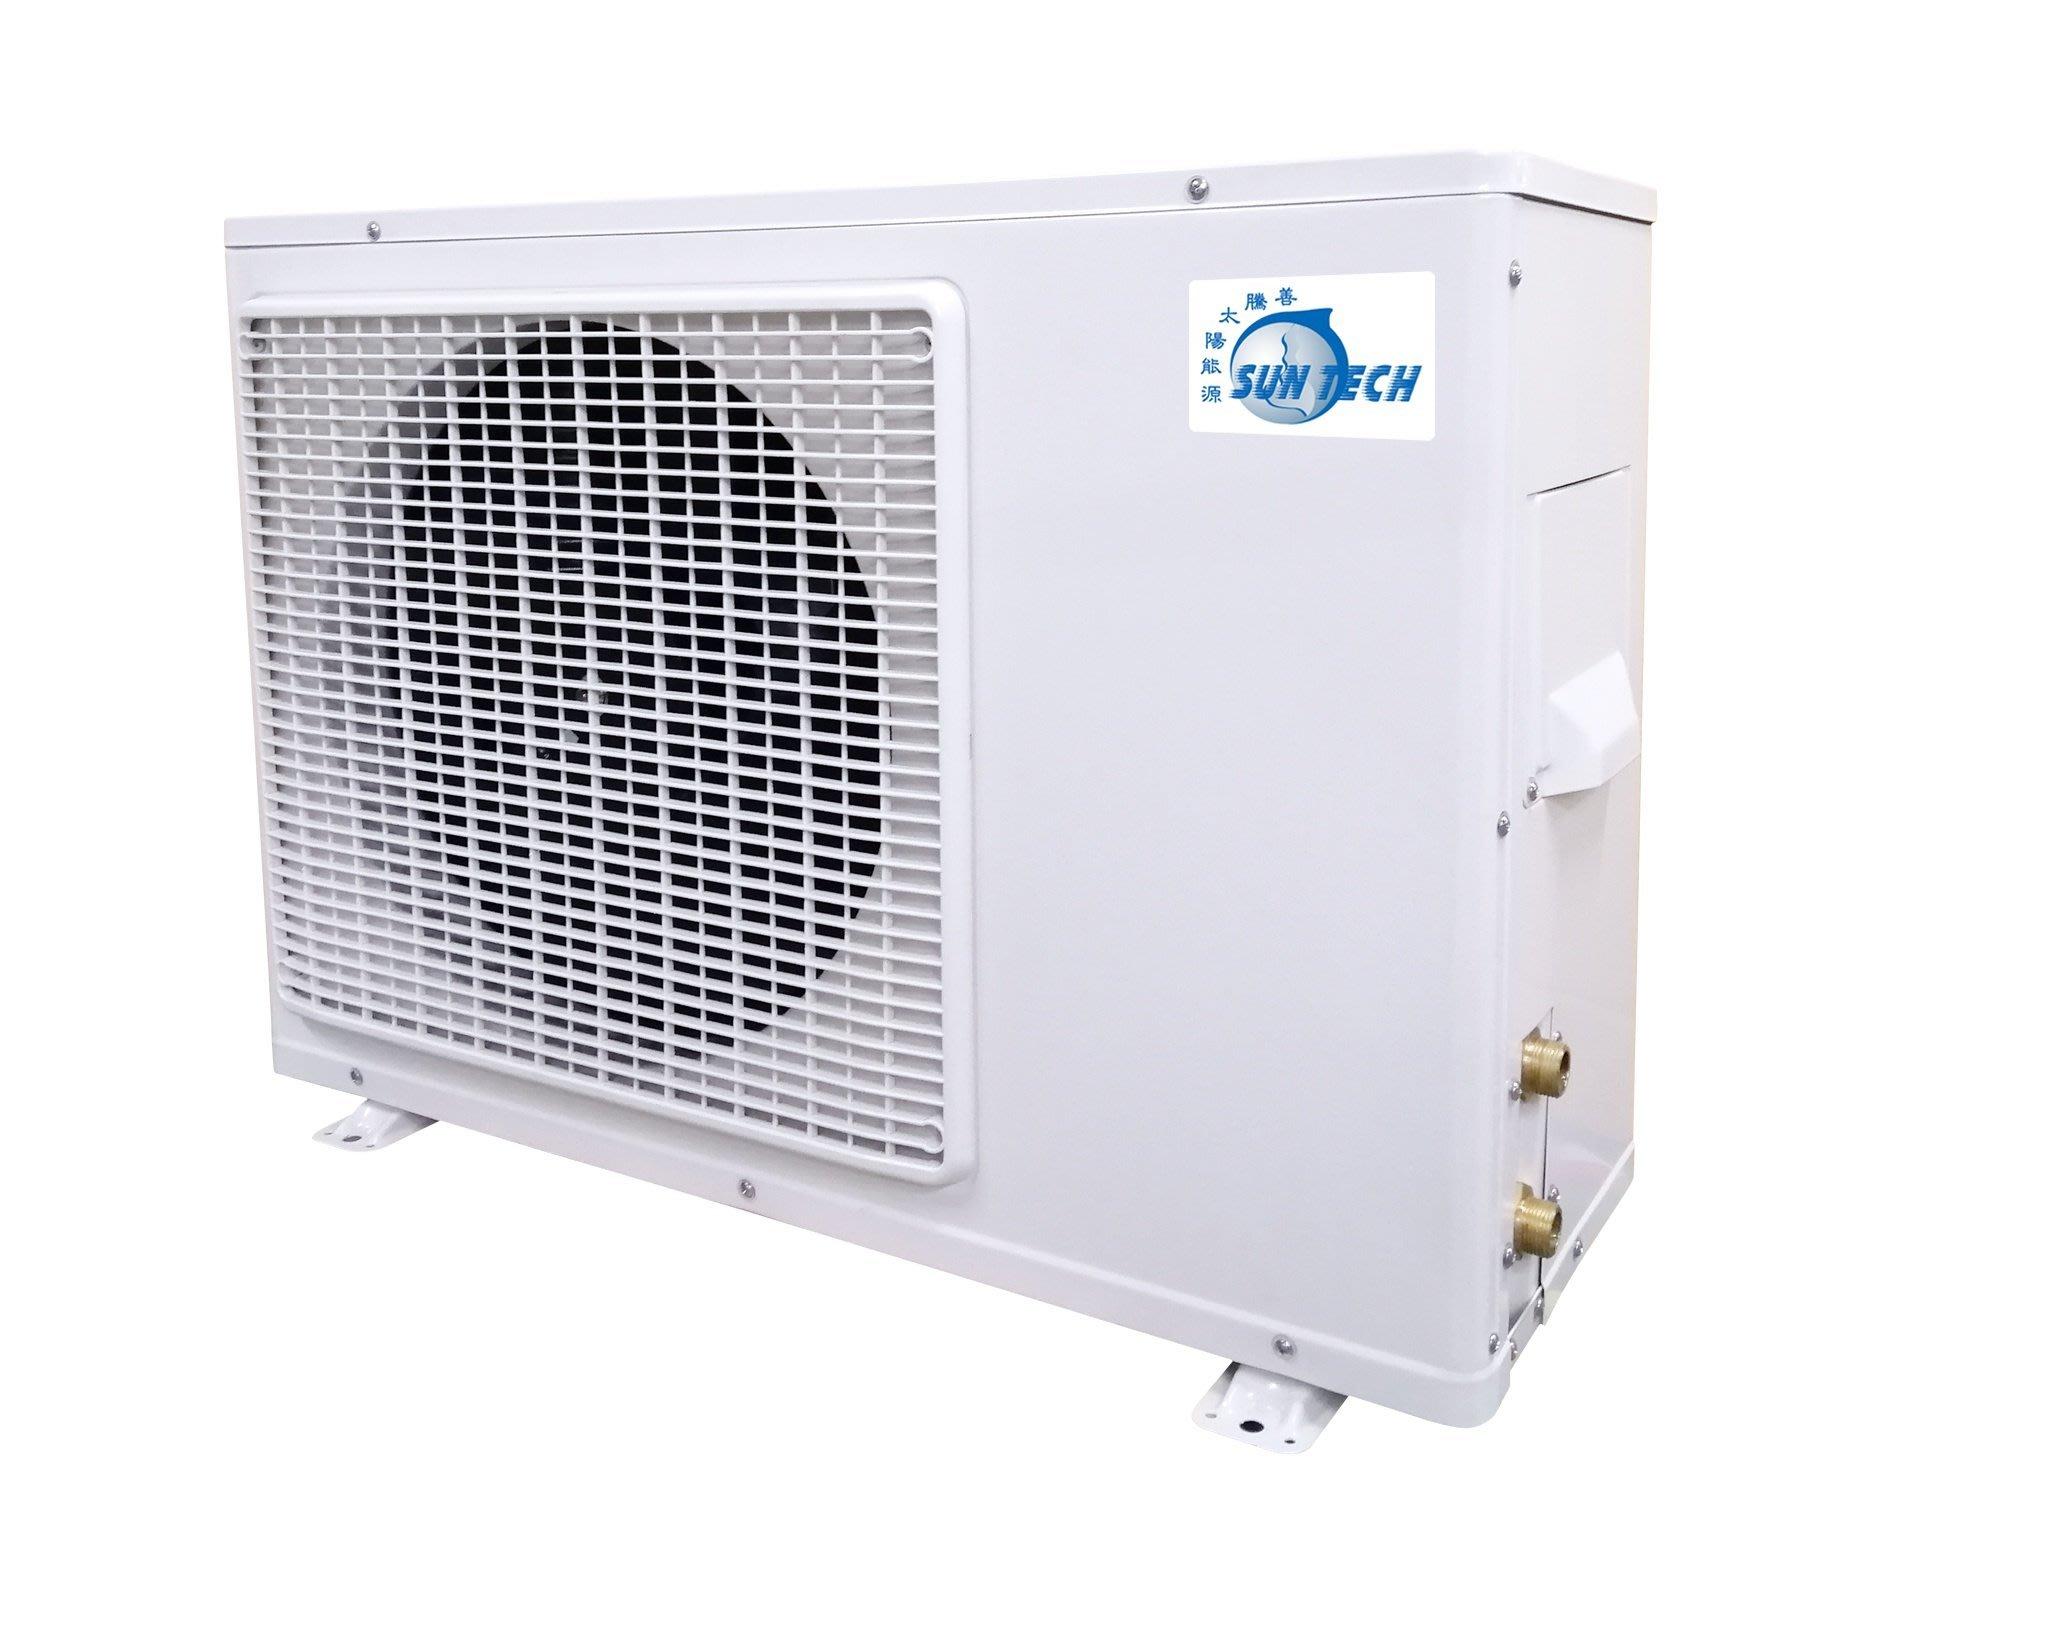 【振興好禮大放送】2020業界最強善騰直熱式熱泵襲捲上市HPD-6KW主機/熱水即開直出55度!免等待!省電80%